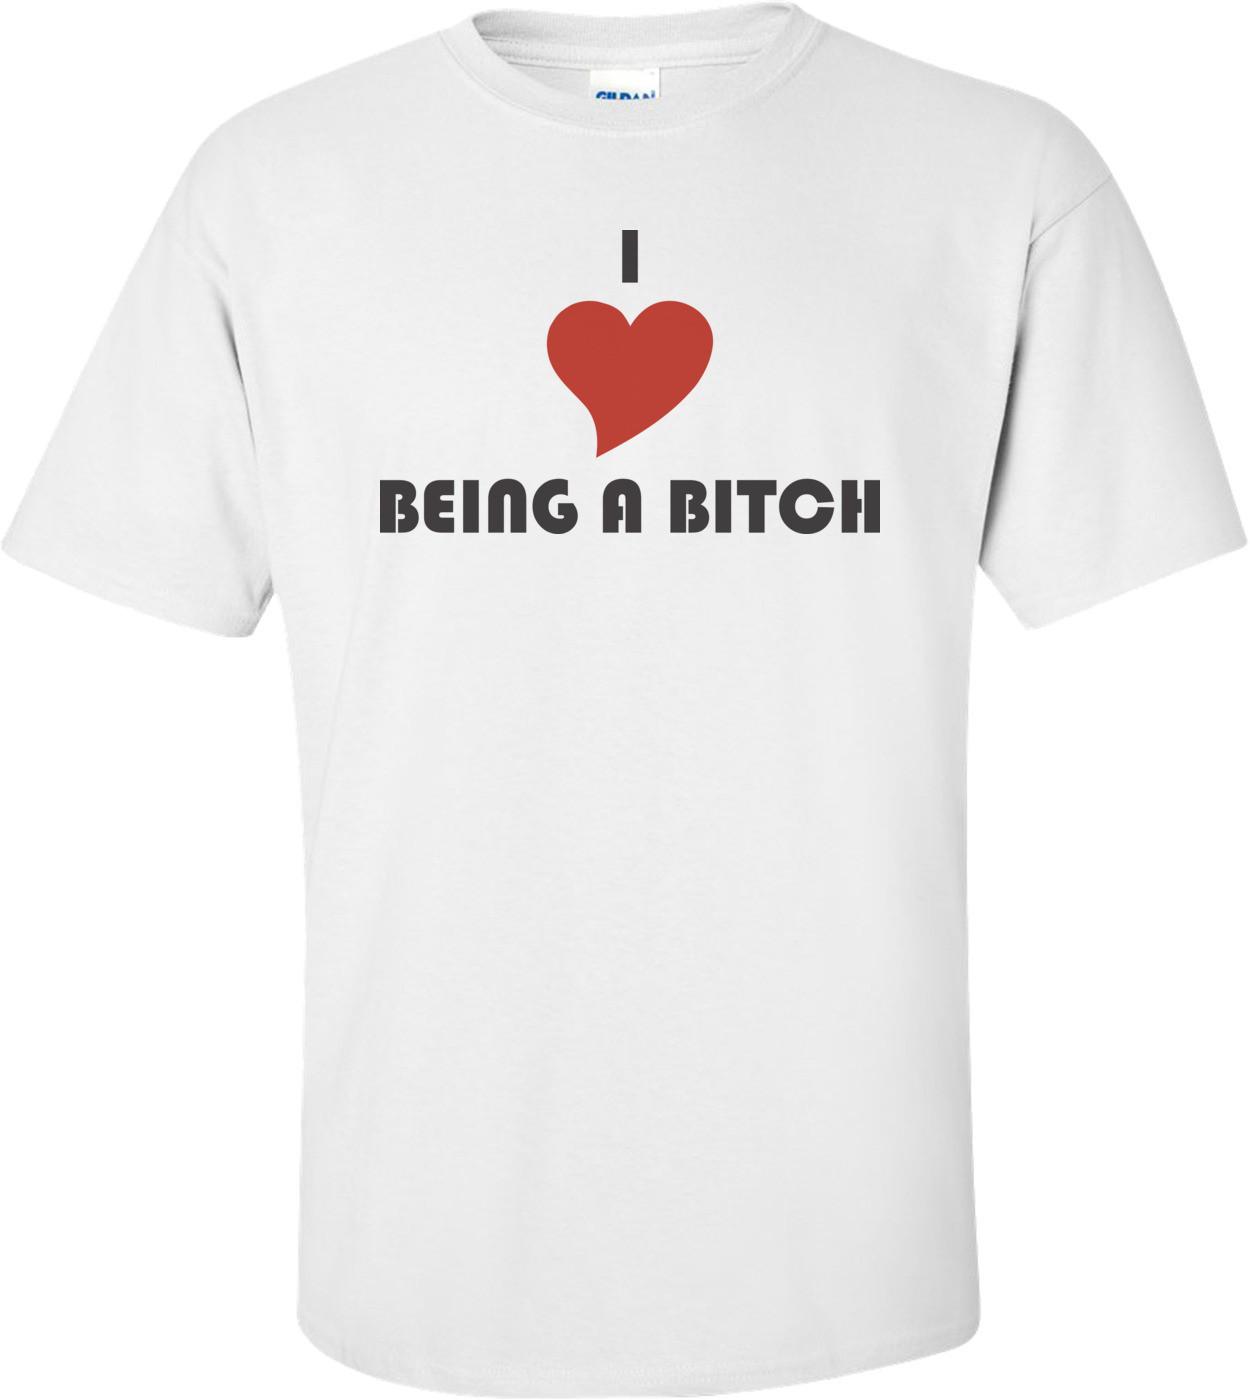 I Love Being A Bitch T-shirt